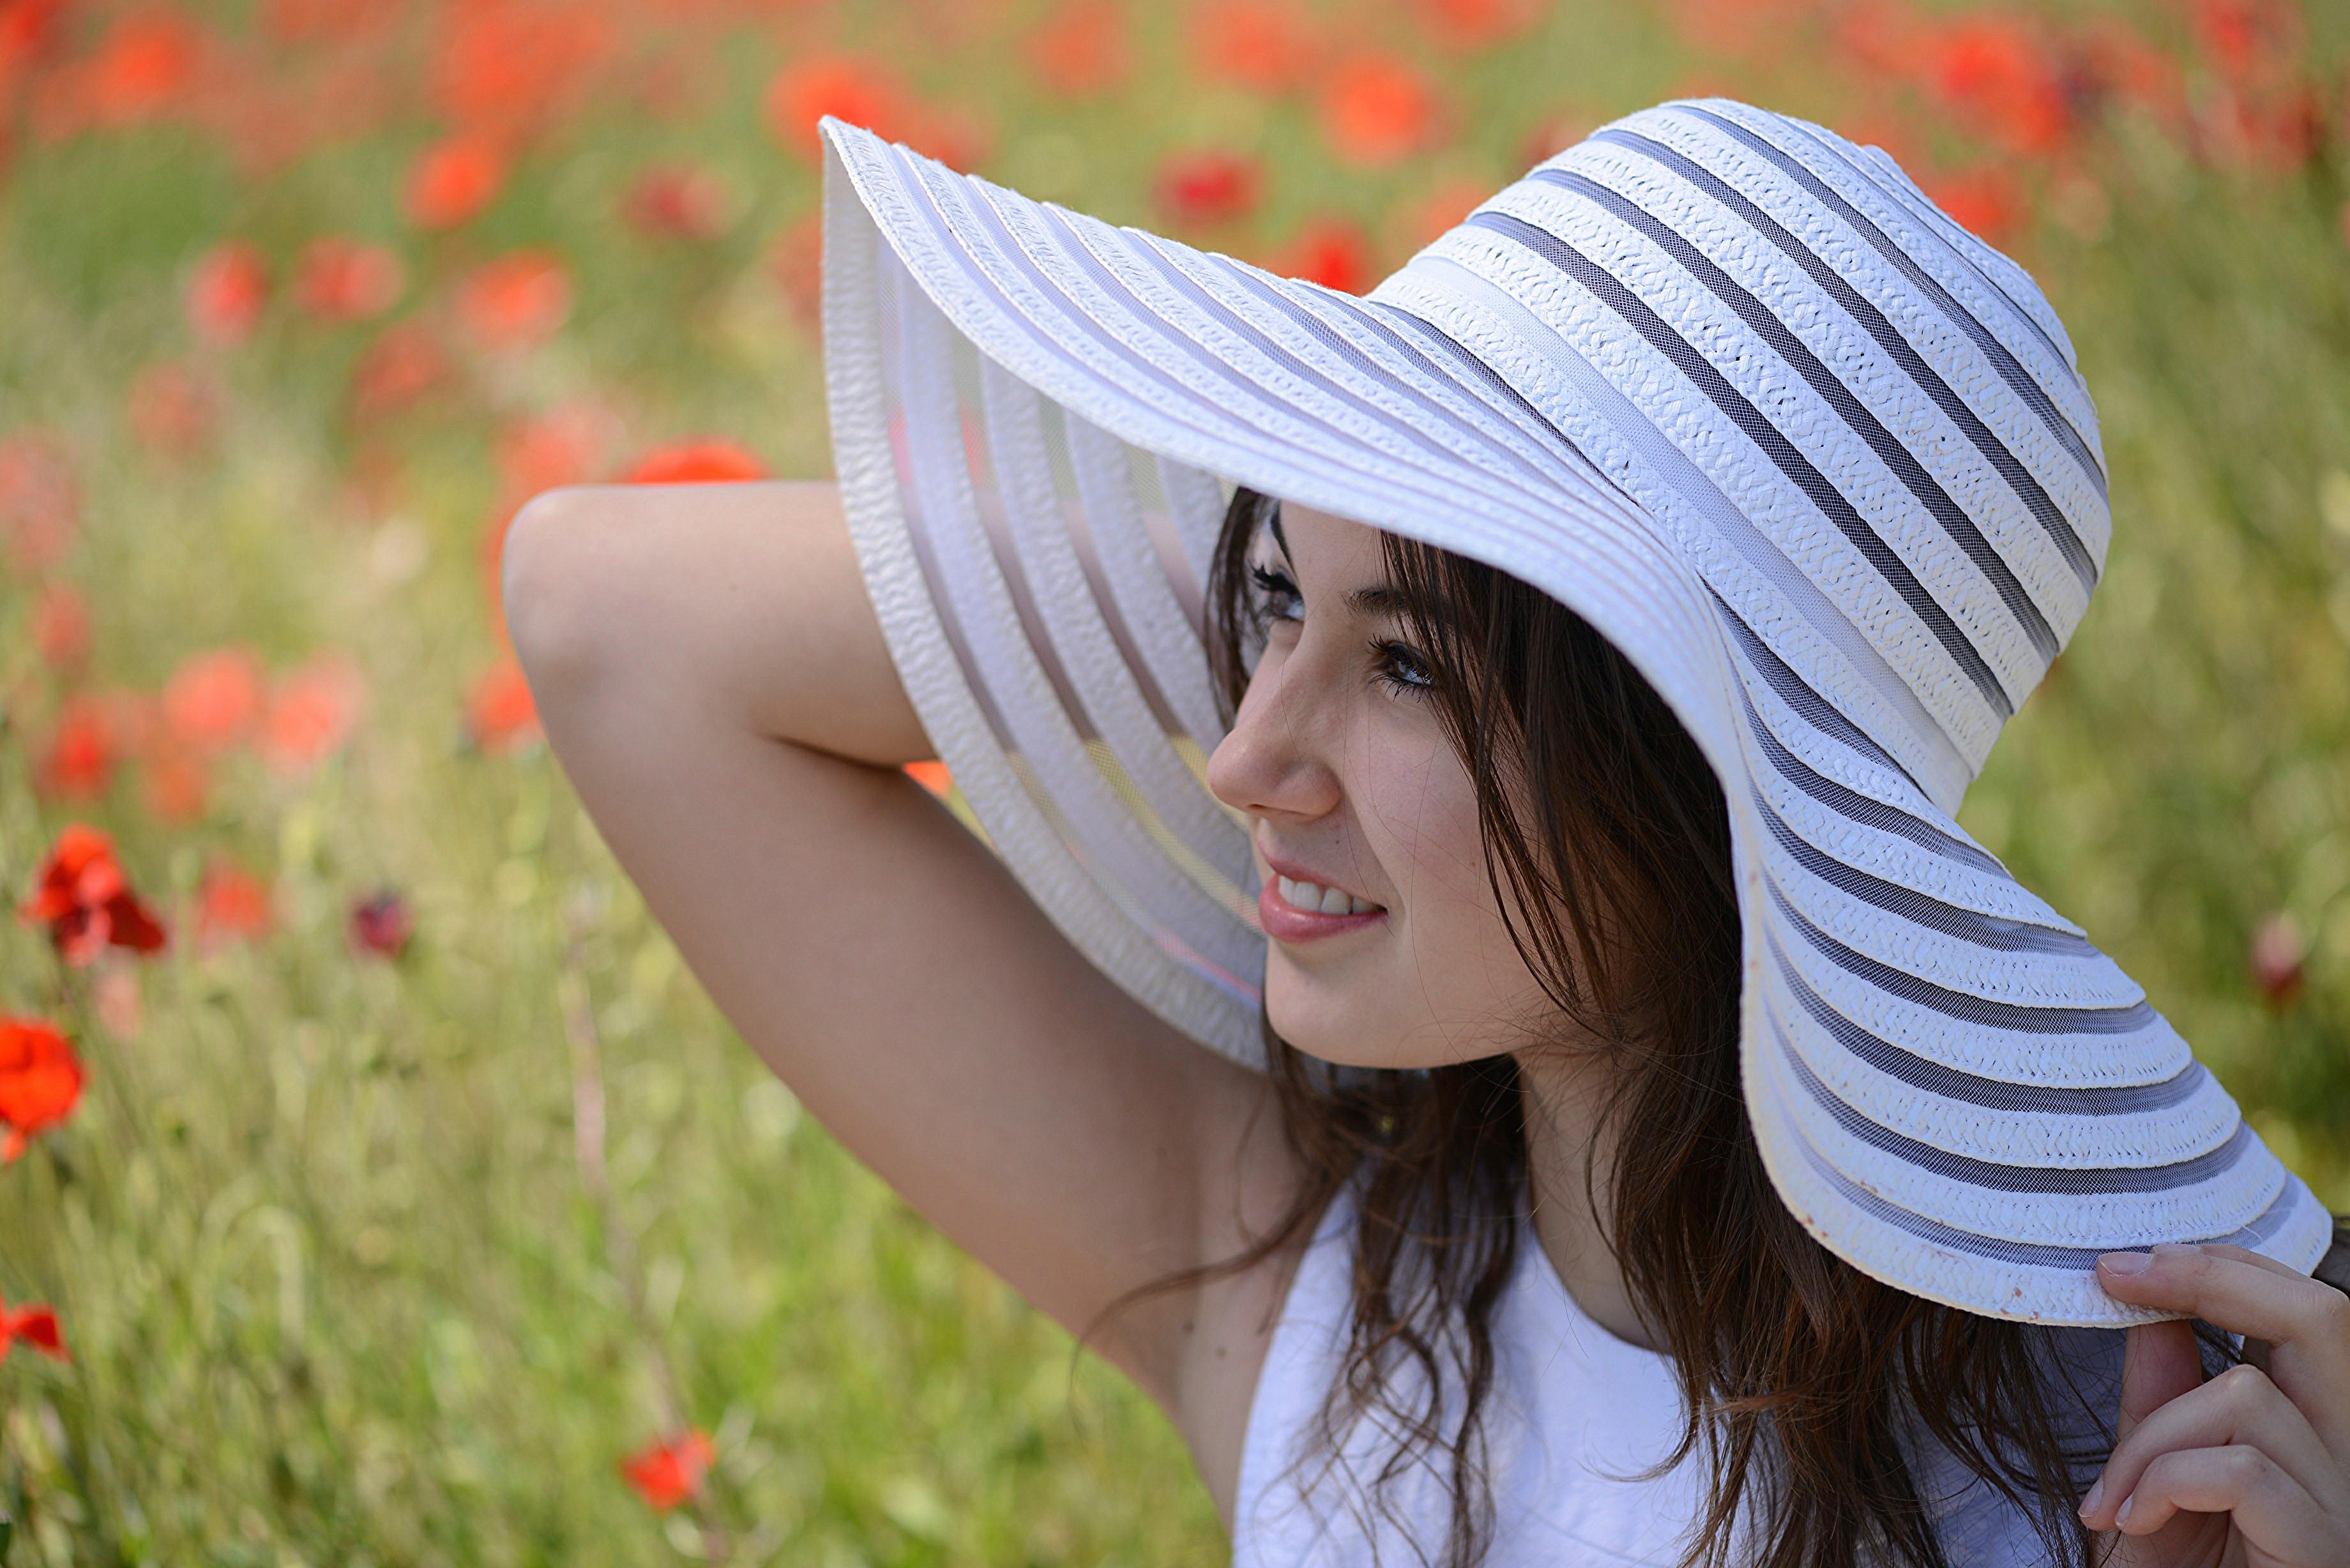 Фото дам в шляпах, Картинки дам в шляпах (36 фото) 27 фотография